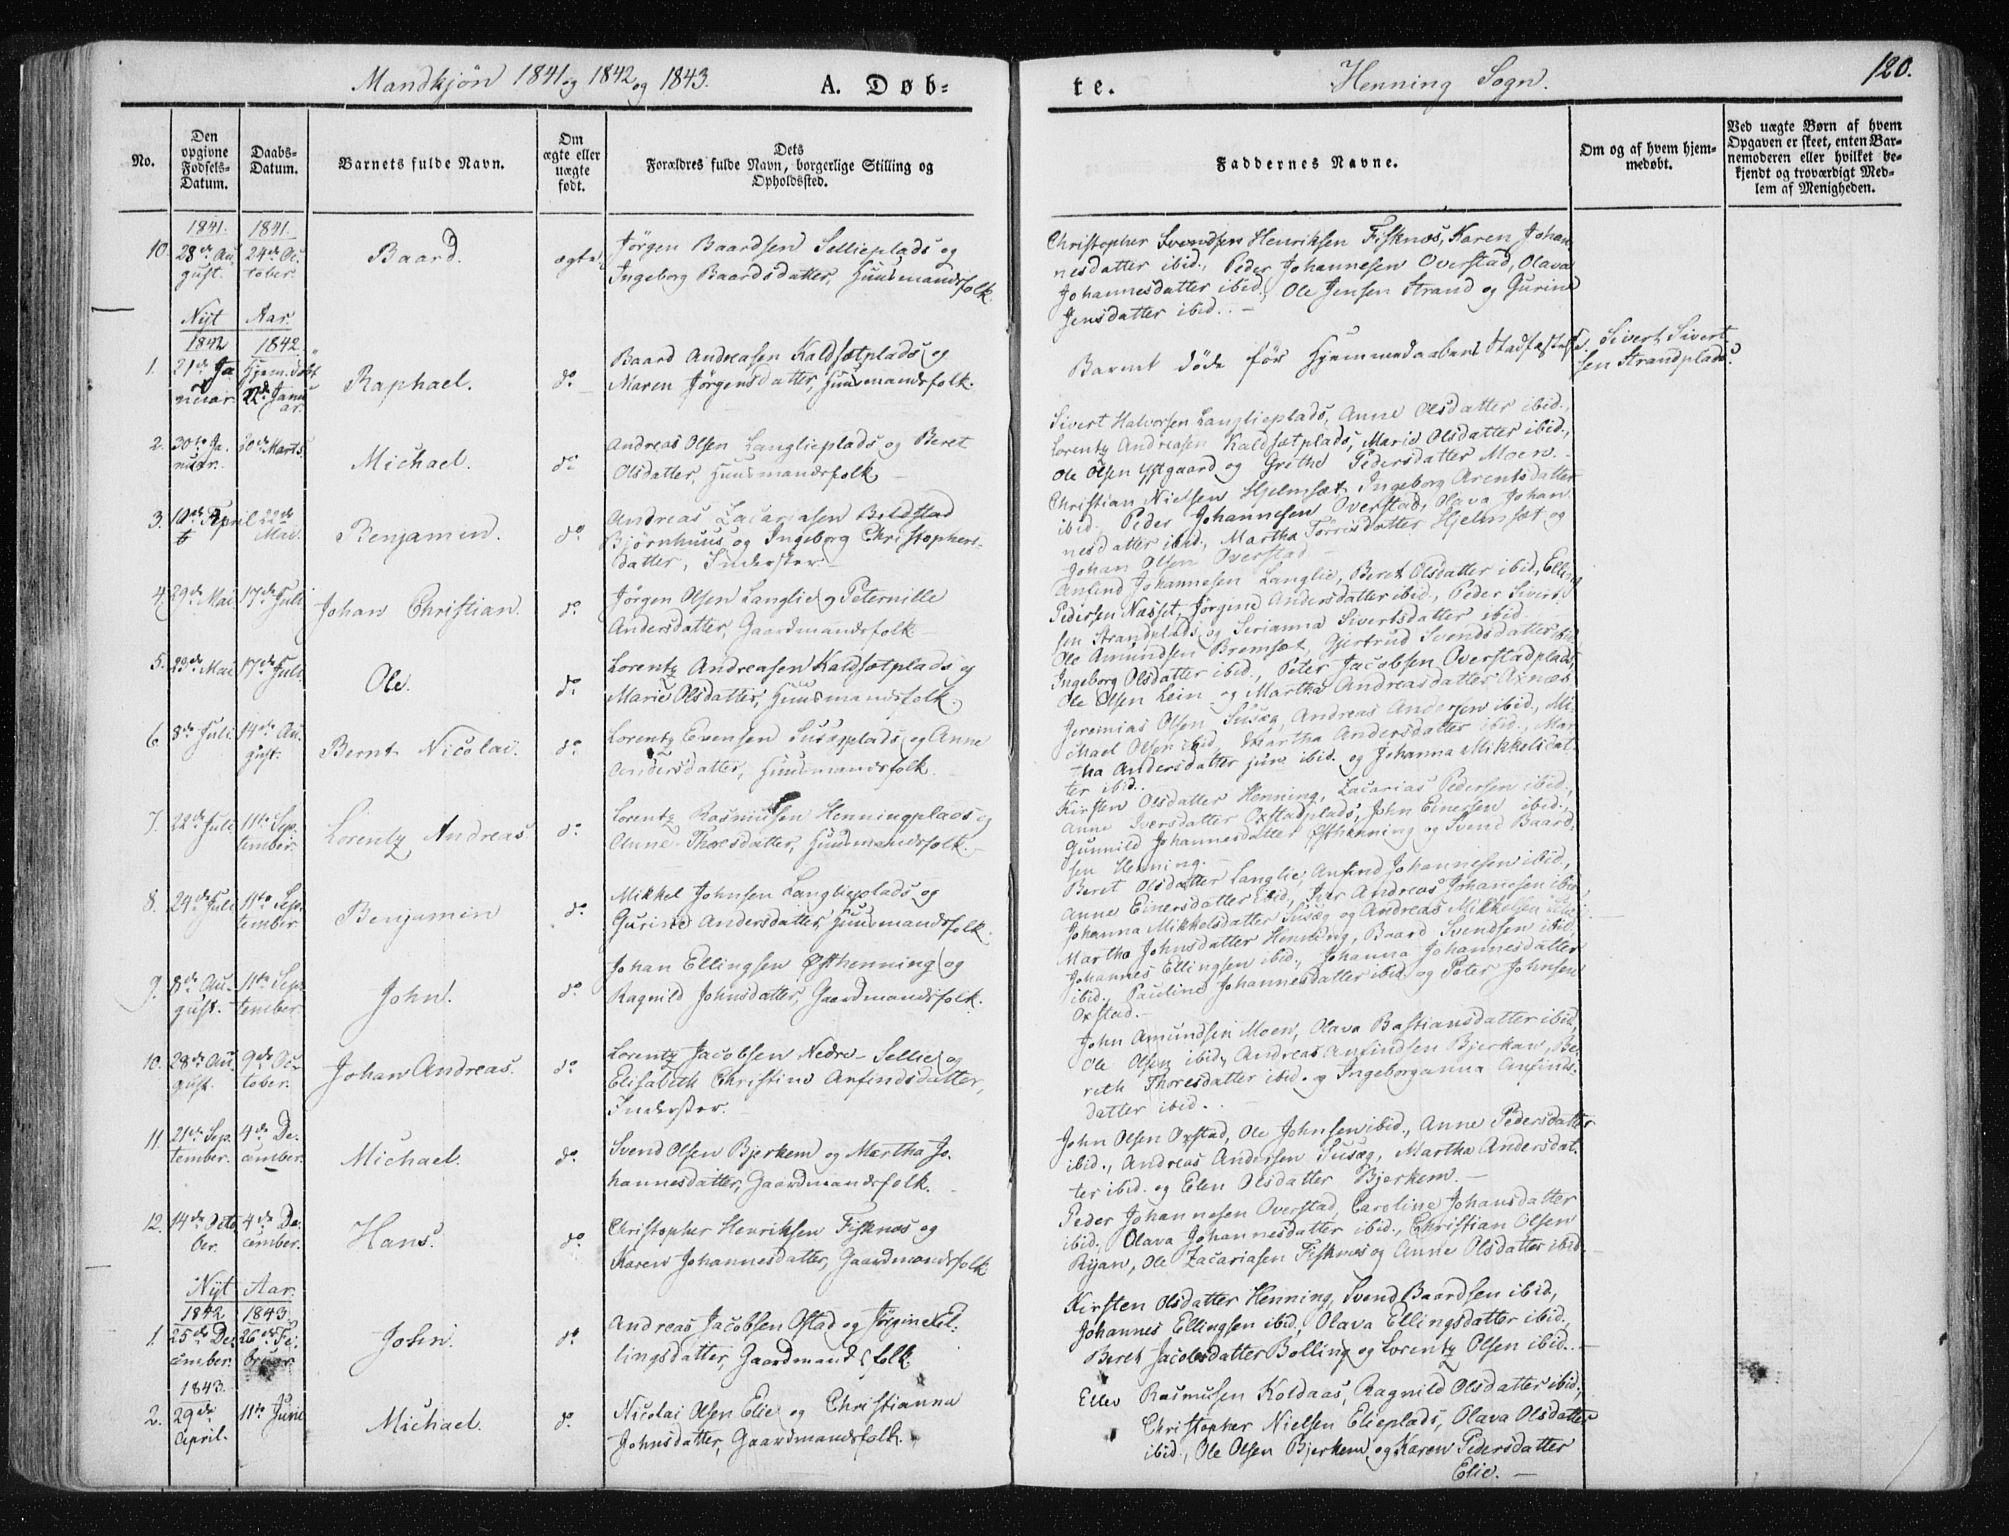 SAT, Ministerialprotokoller, klokkerbøker og fødselsregistre - Nord-Trøndelag, 735/L0339: Ministerialbok nr. 735A06 /3, 1836-1848, s. 120